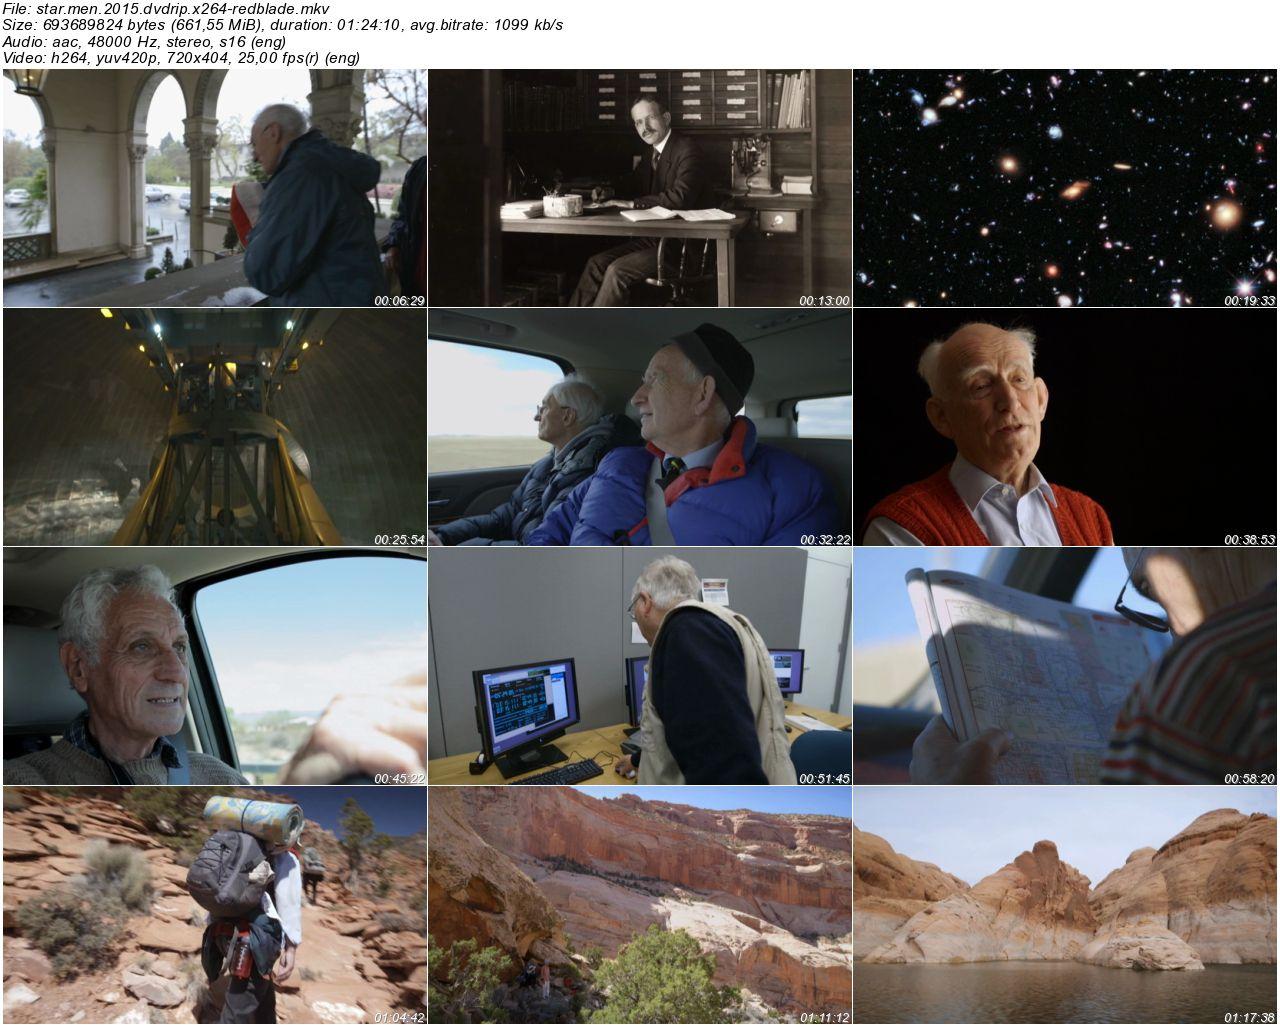 Star Men - 2015 DVDRip x264 - Türkçe Altyazılı Tek Link indir